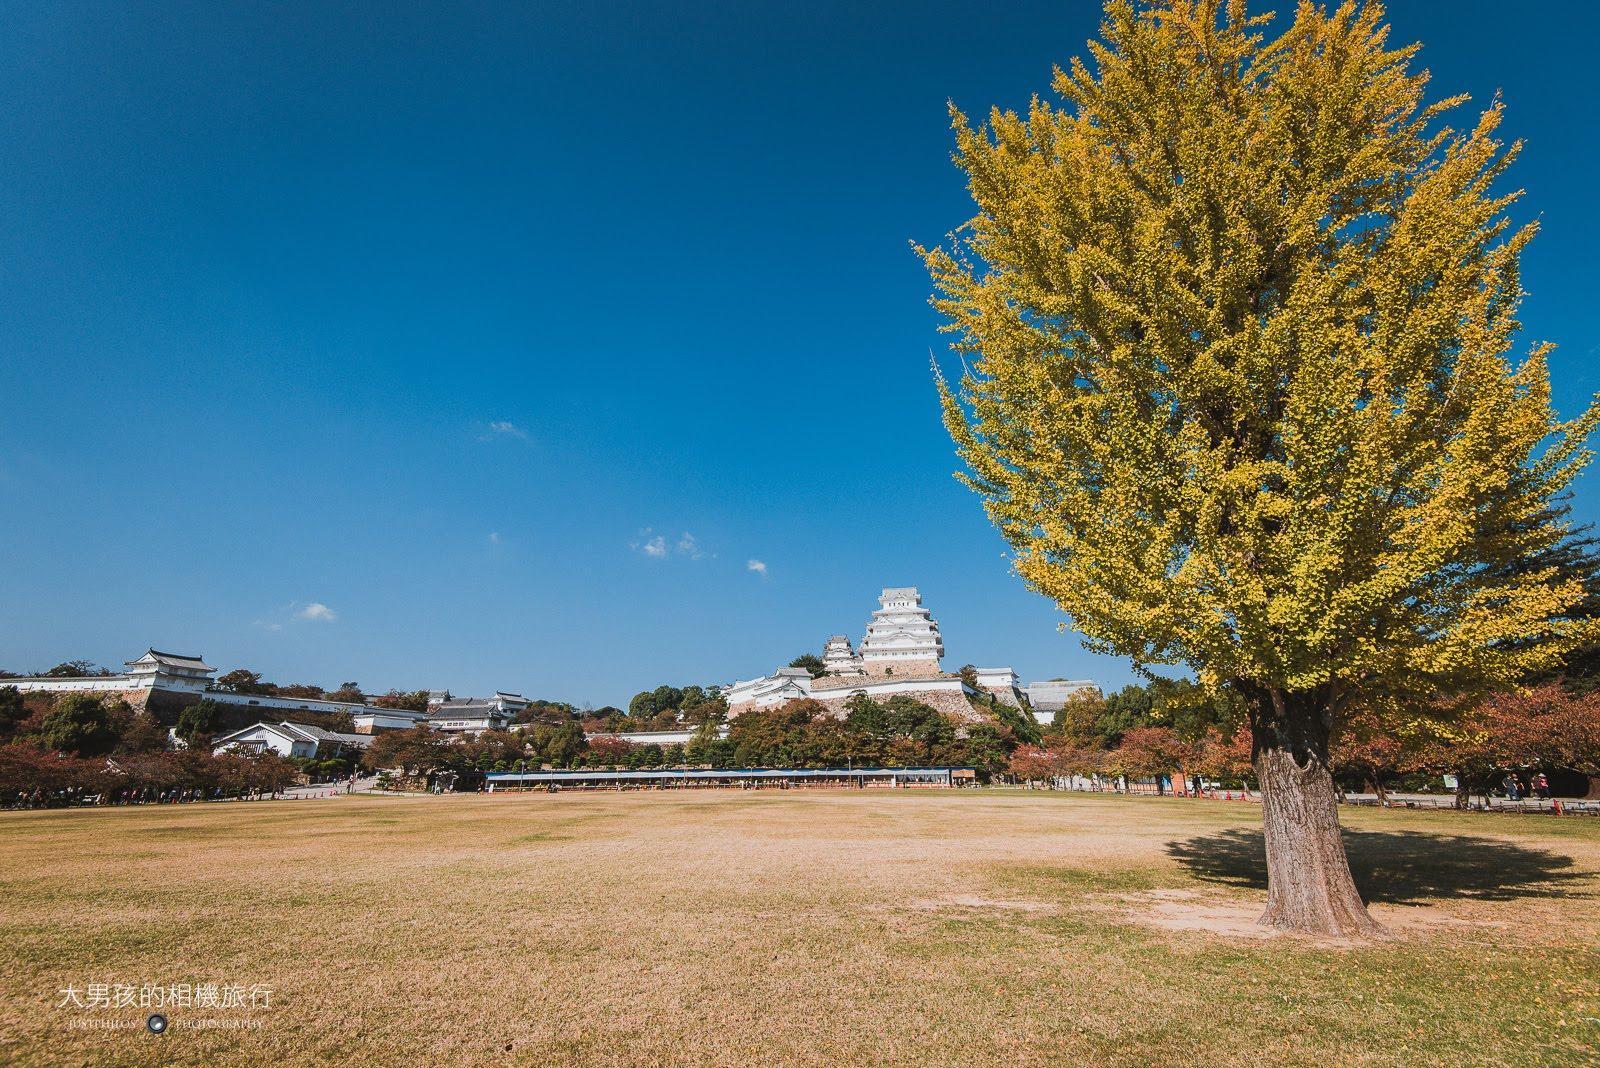 姬路城素有白鷺城之美稱,是前往神戶旅遊必訪的景點。